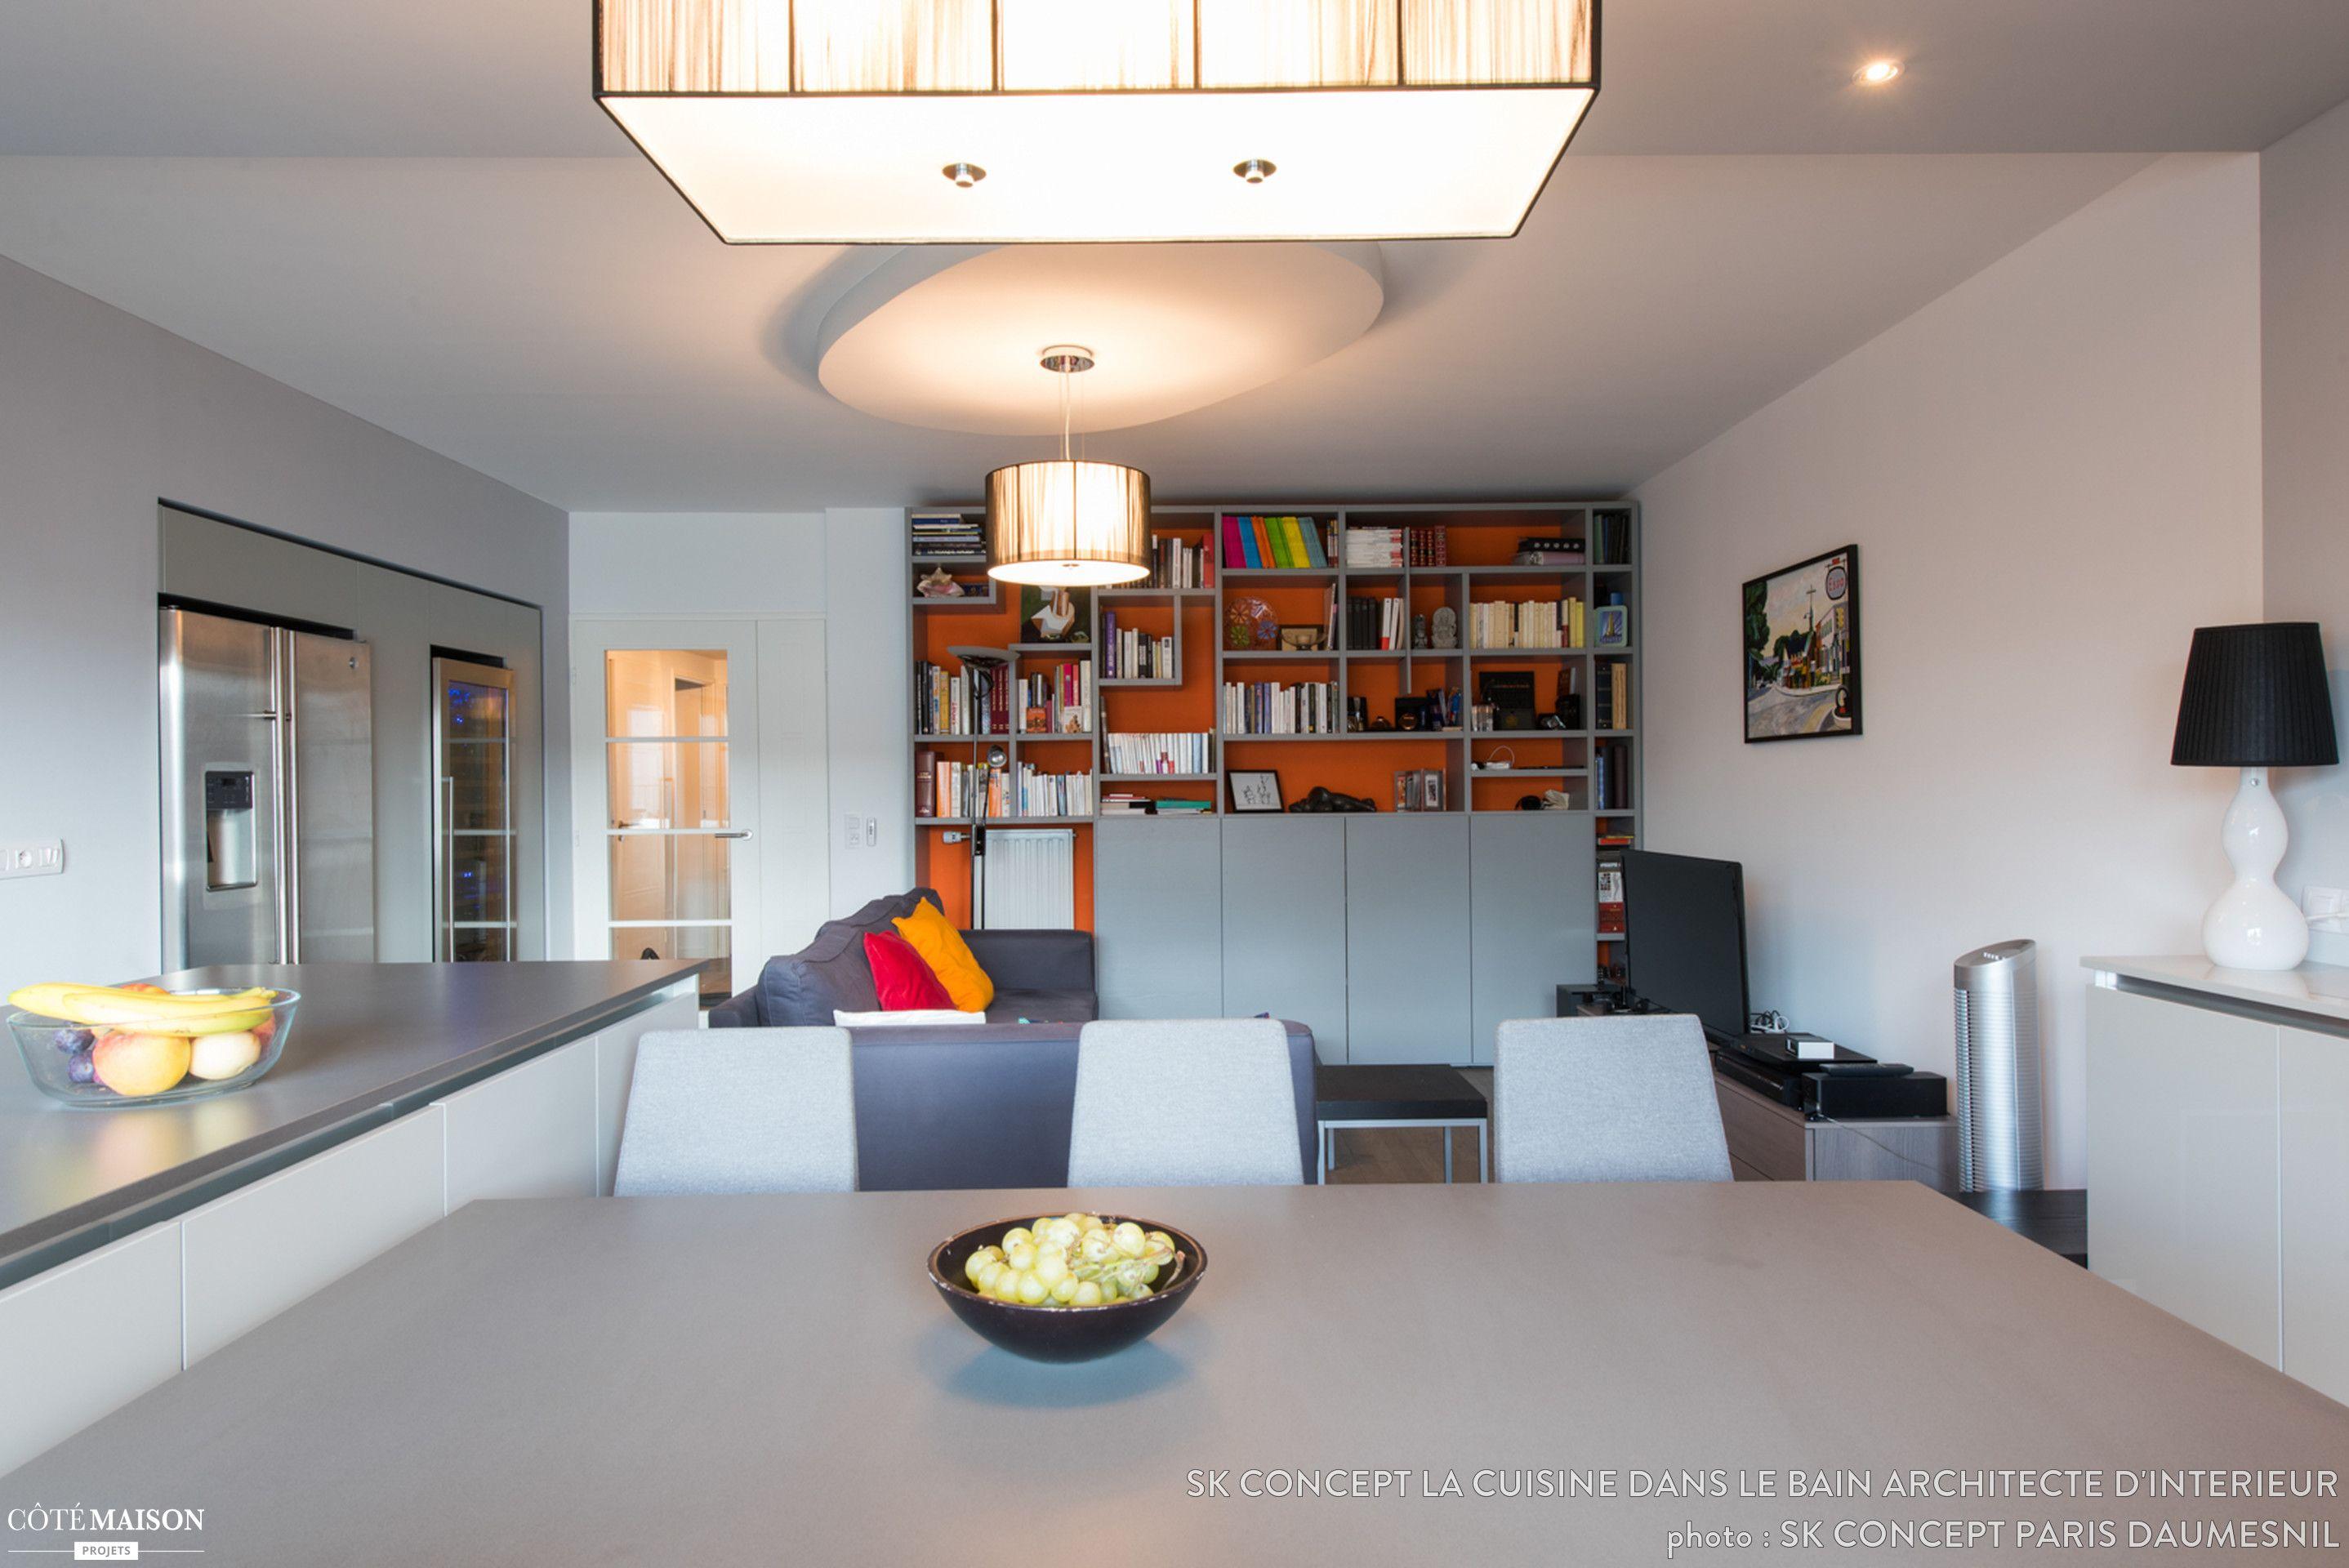 Aménagement Dun Appartement Fraichement Livré Cet Appartement - La cuisine dans le bain